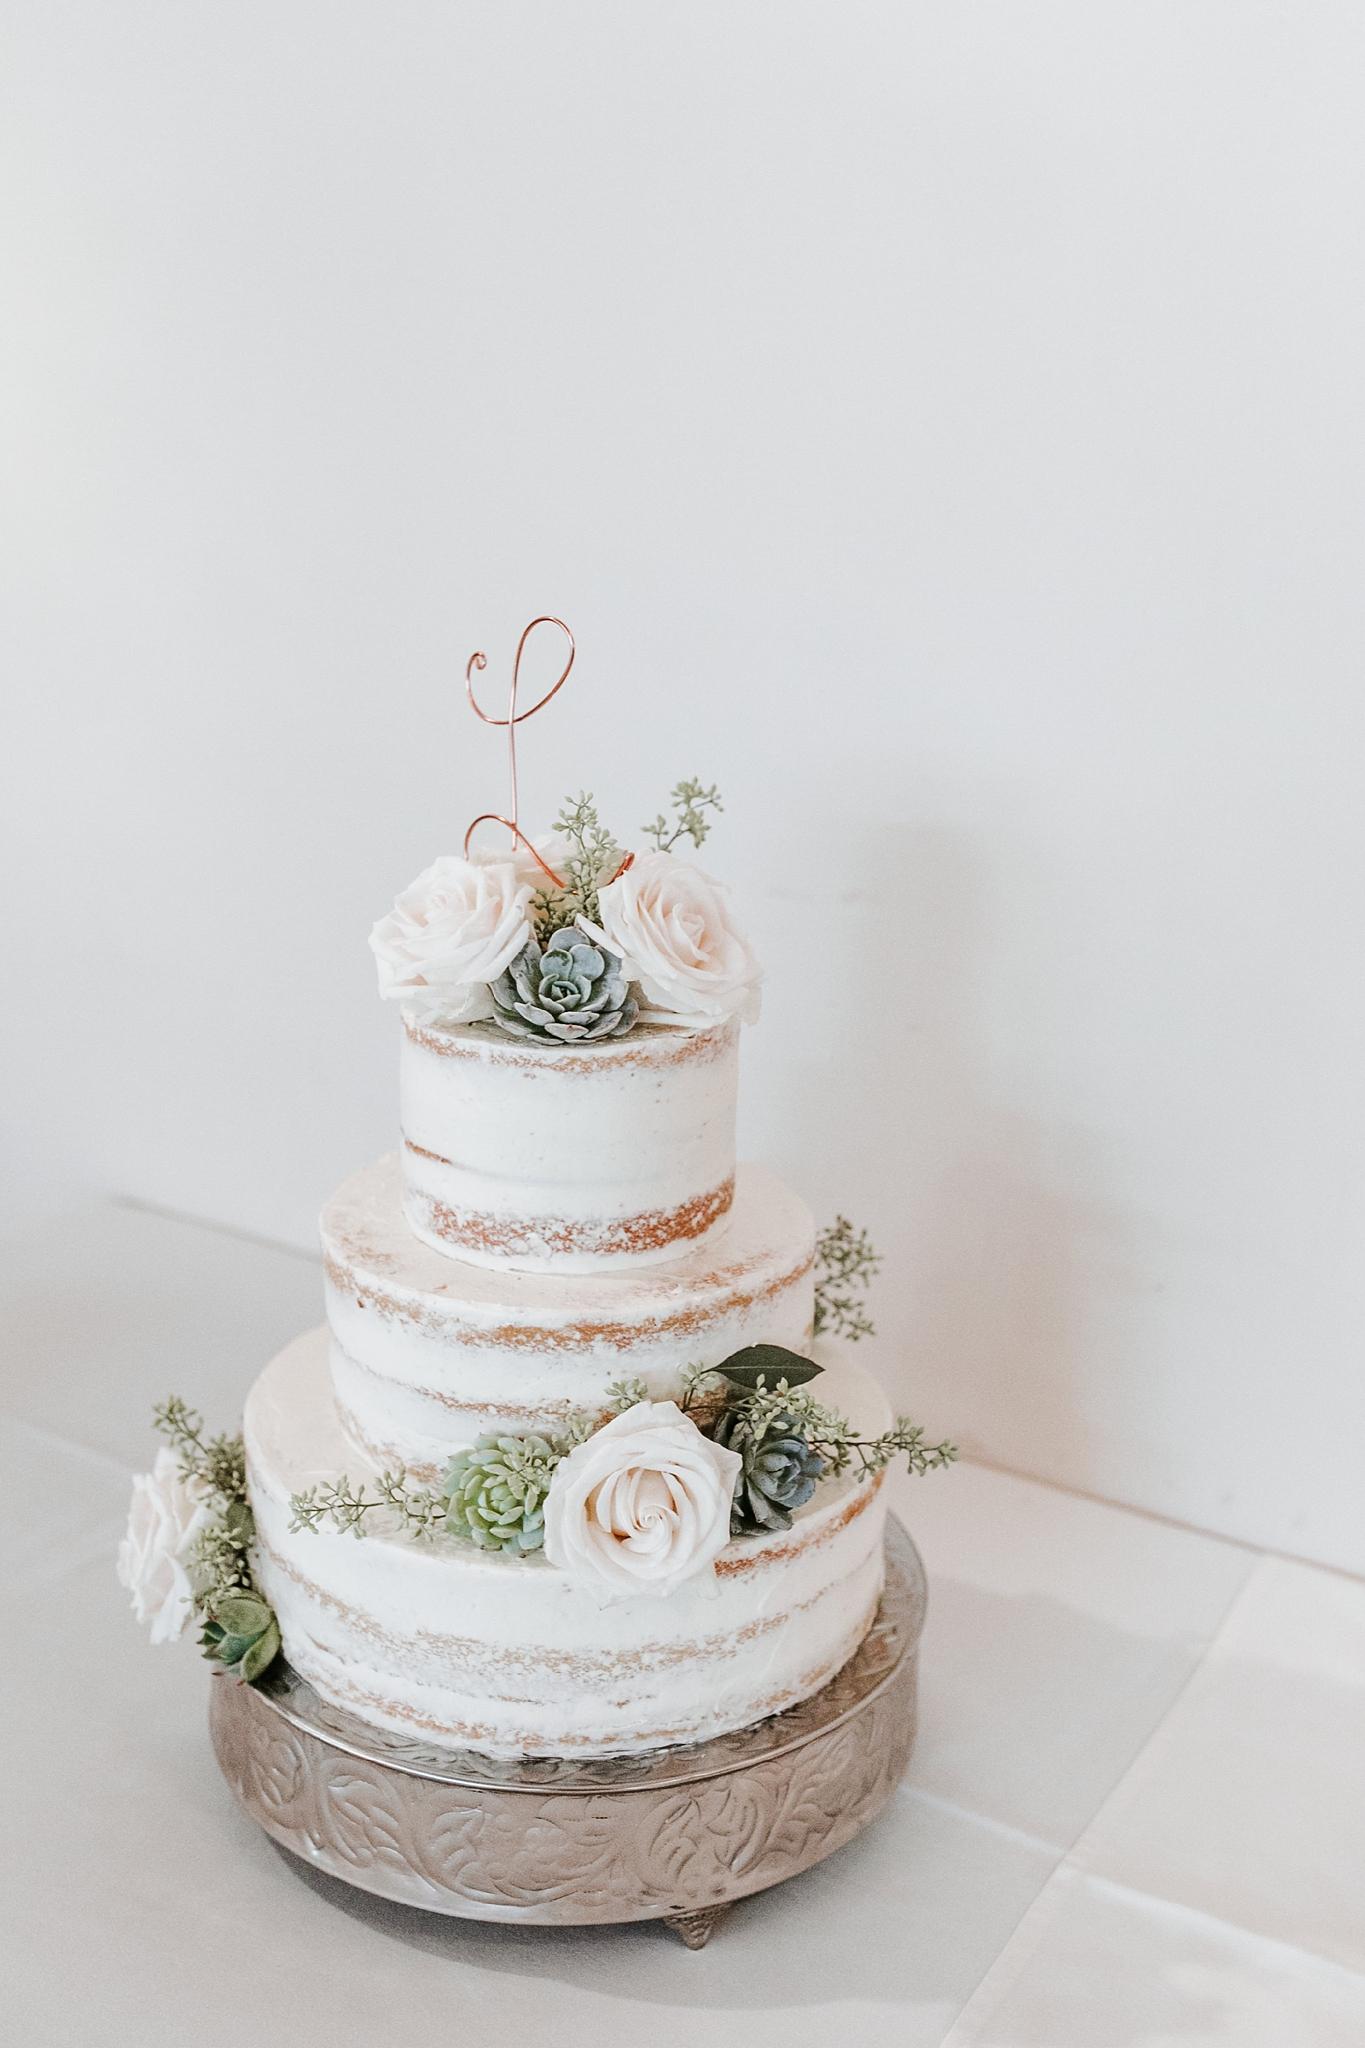 Alicia+lucia+photography+-+albuquerque+wedding+photographer+-+santa+fe+wedding+photography+-+new+mexico+wedding+photographer+-+new+mexico+wedding+-+new+mexico+wedding+-+wedding+florals+-+desert+wedding+-+wedding+trends_0031.jpg